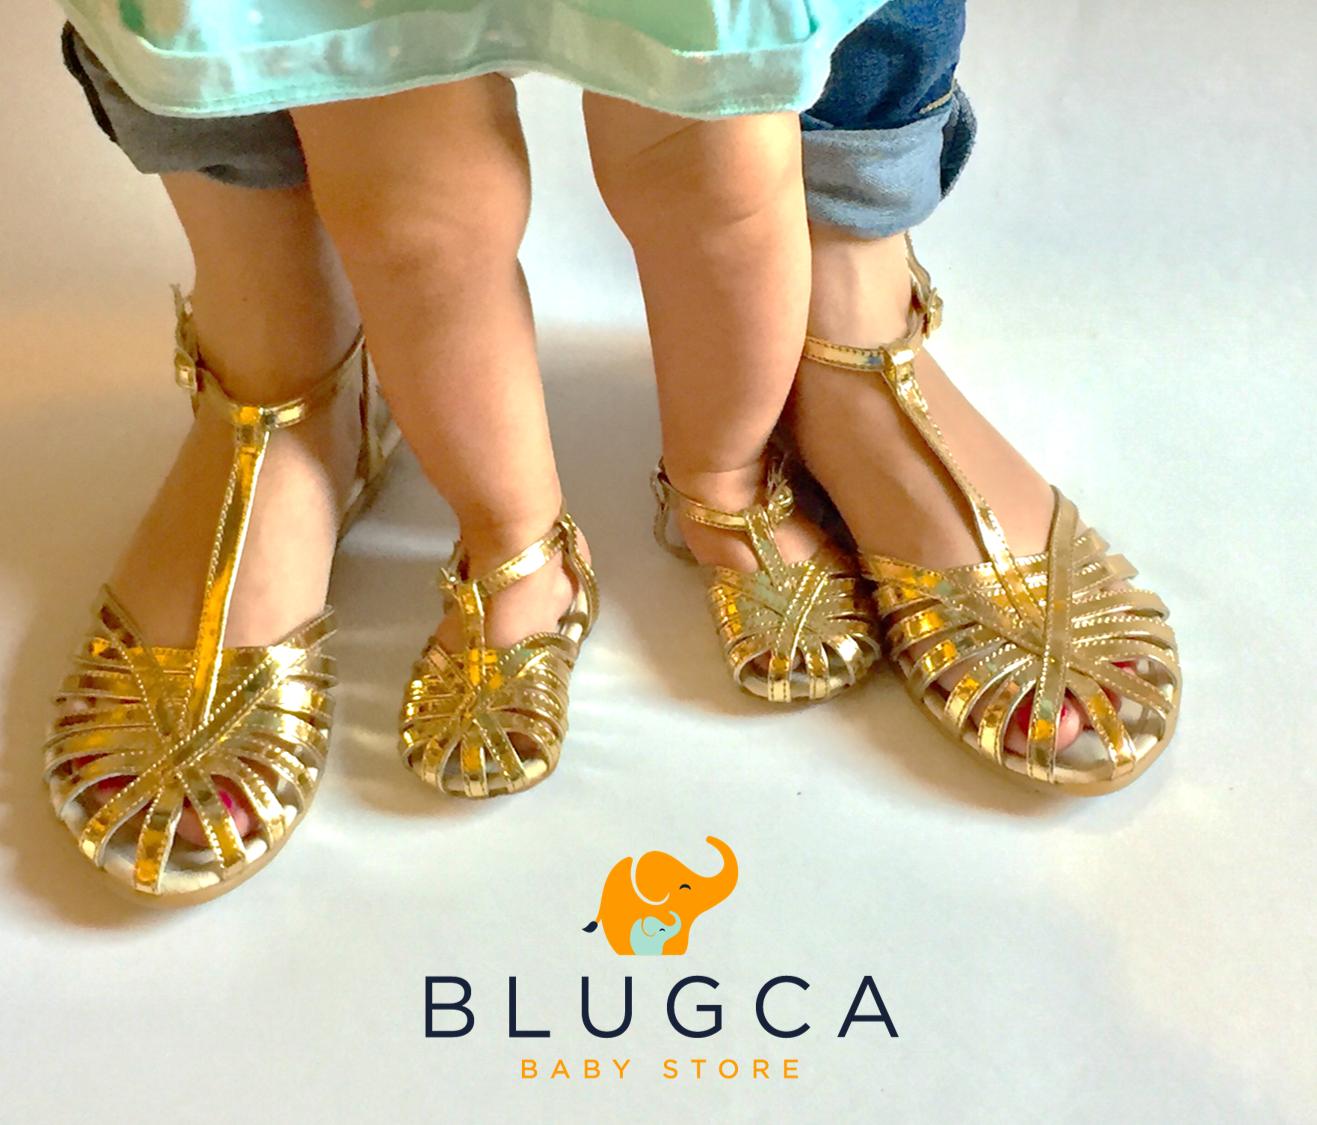 Blugca Shoes Summer 2017 Sandalias dúo mamá-bebé